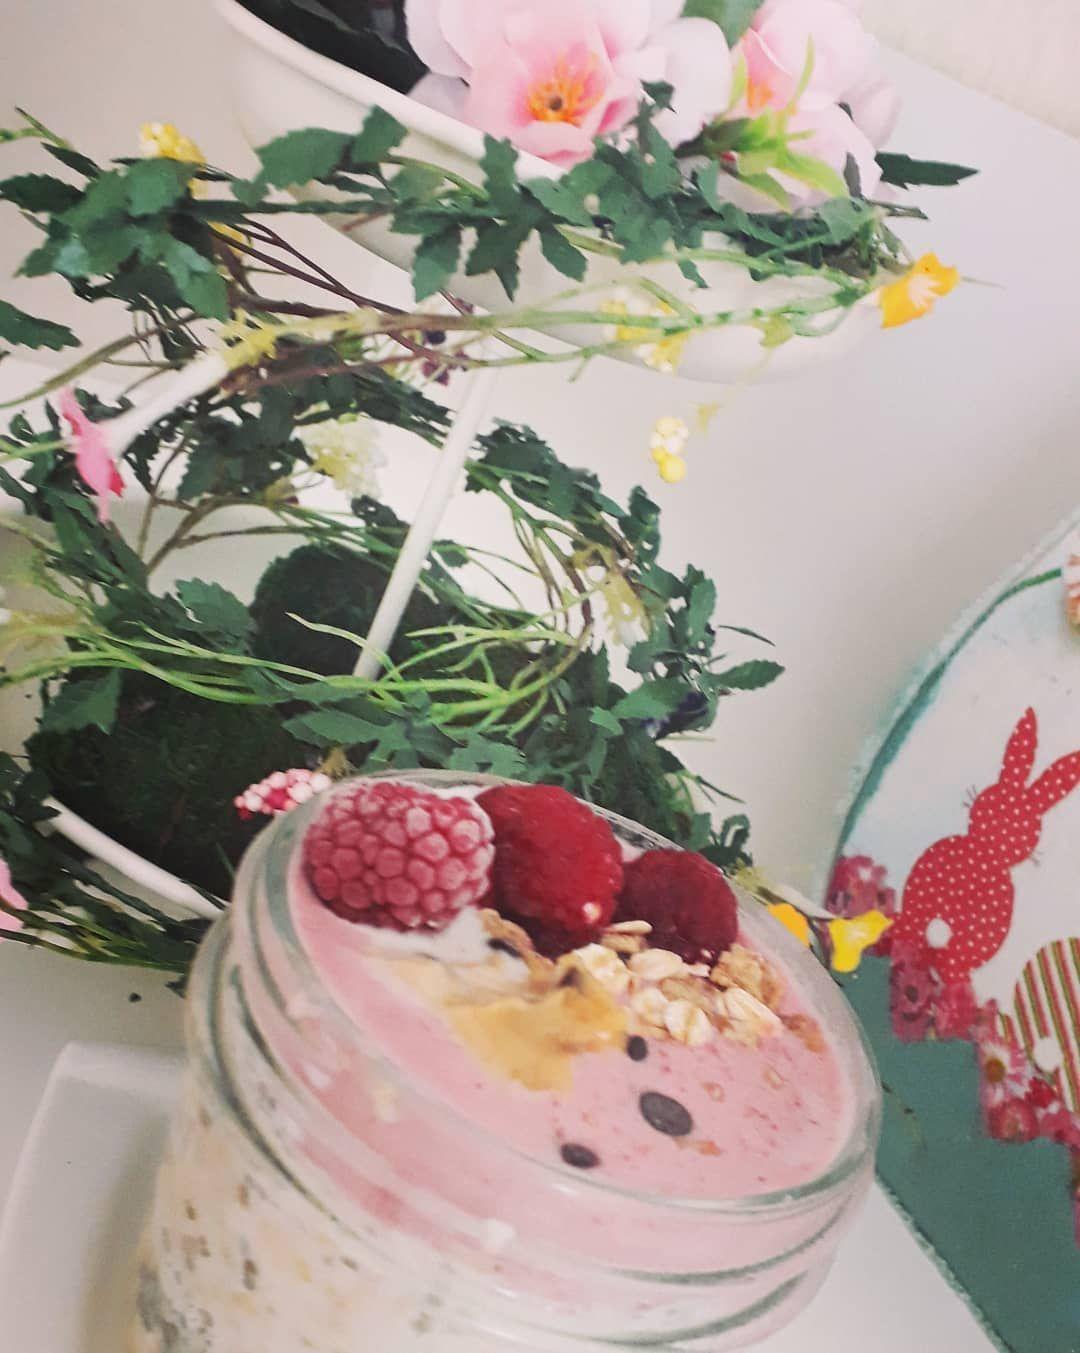 *Overnight oats 🌼* • • • #breakfastideas #breakfastfortwo #breakfastlover #breakfasttime #breakfast #veganmeals #veganrecipes #healtybreakfast #oats #overnightoats #berries #almondmilk #peanutbutter #startthedayright #mood #treatyoself